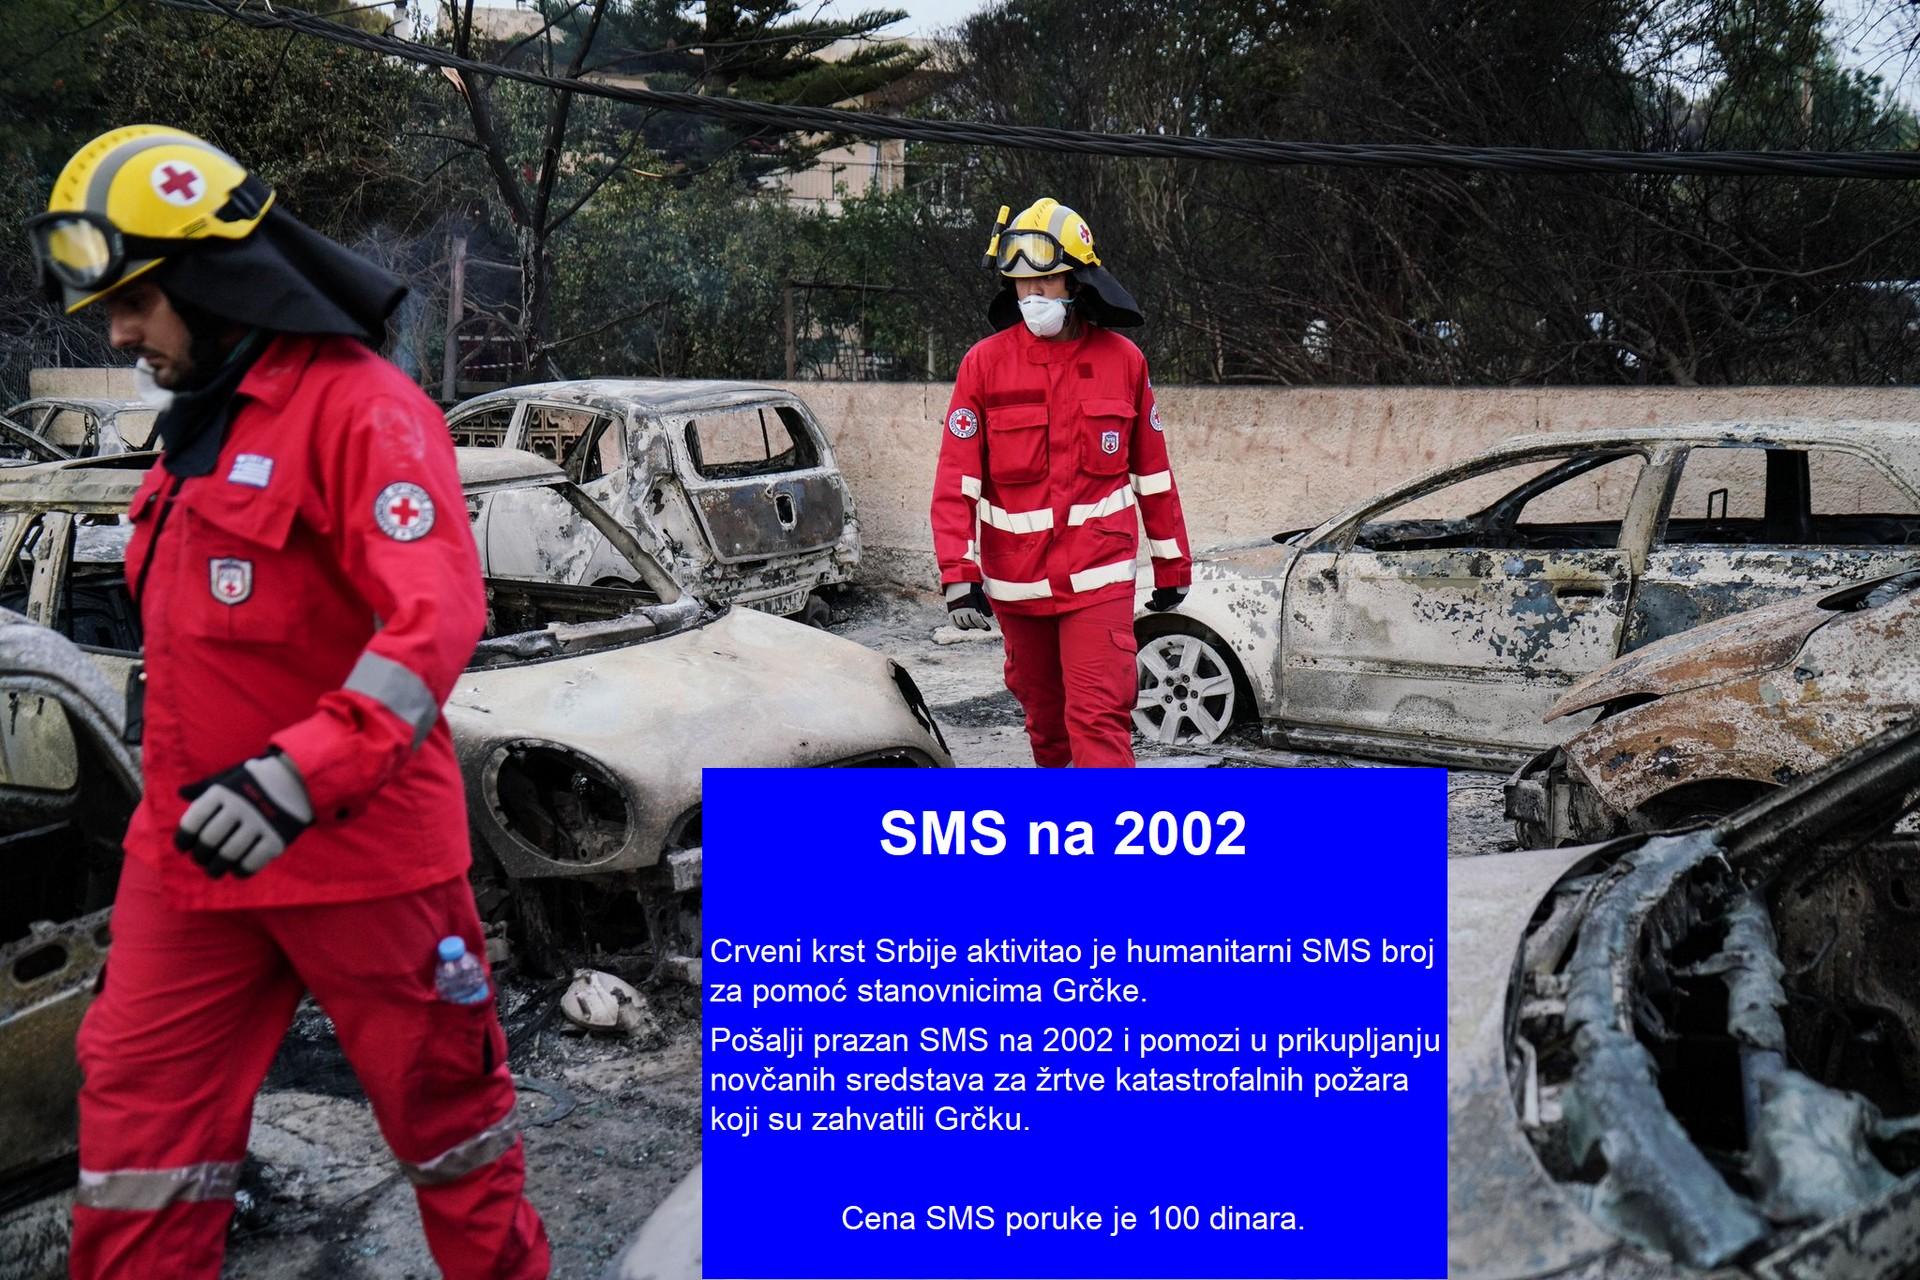 Plakat za humanitarnu pomoć Grčkoj